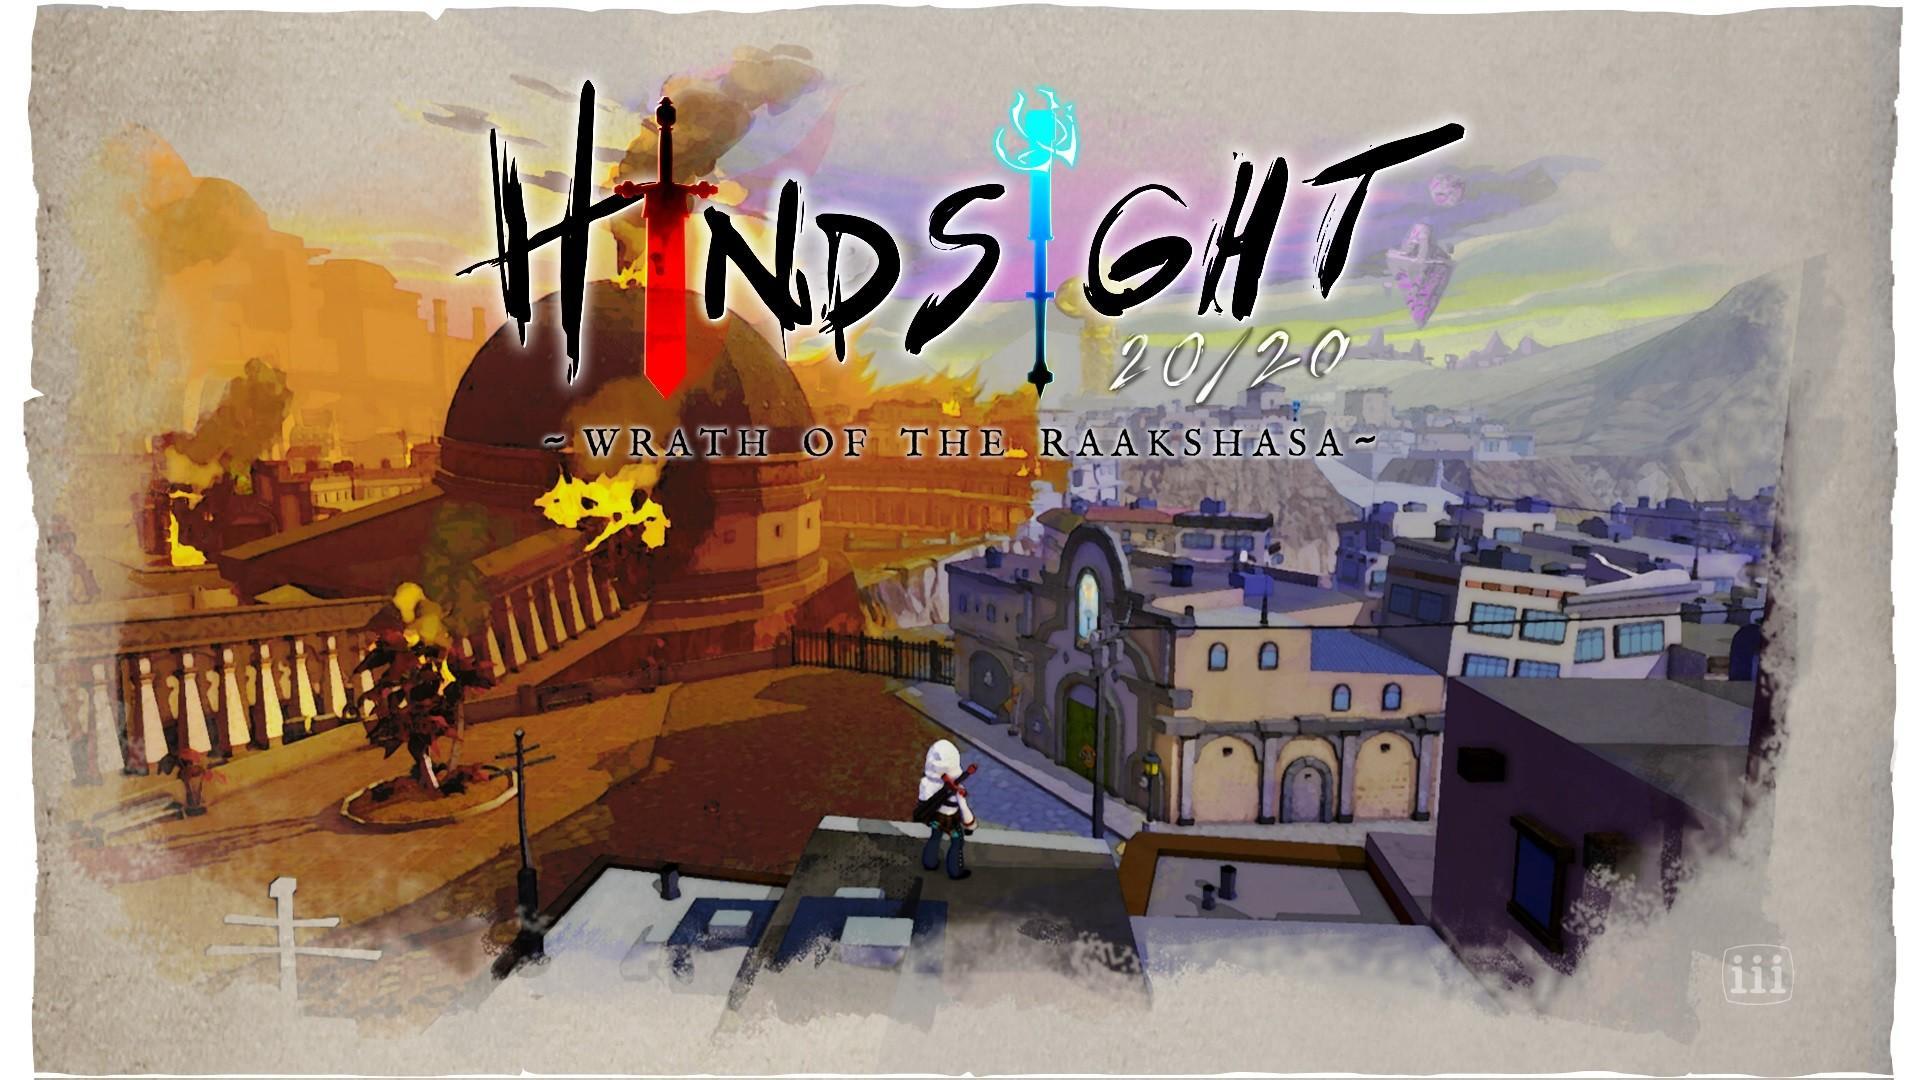 Экшен-приключение Hindsight 20/20: Wrath of the Raakshasa обзавелось новым релизным окном и трейлером 7